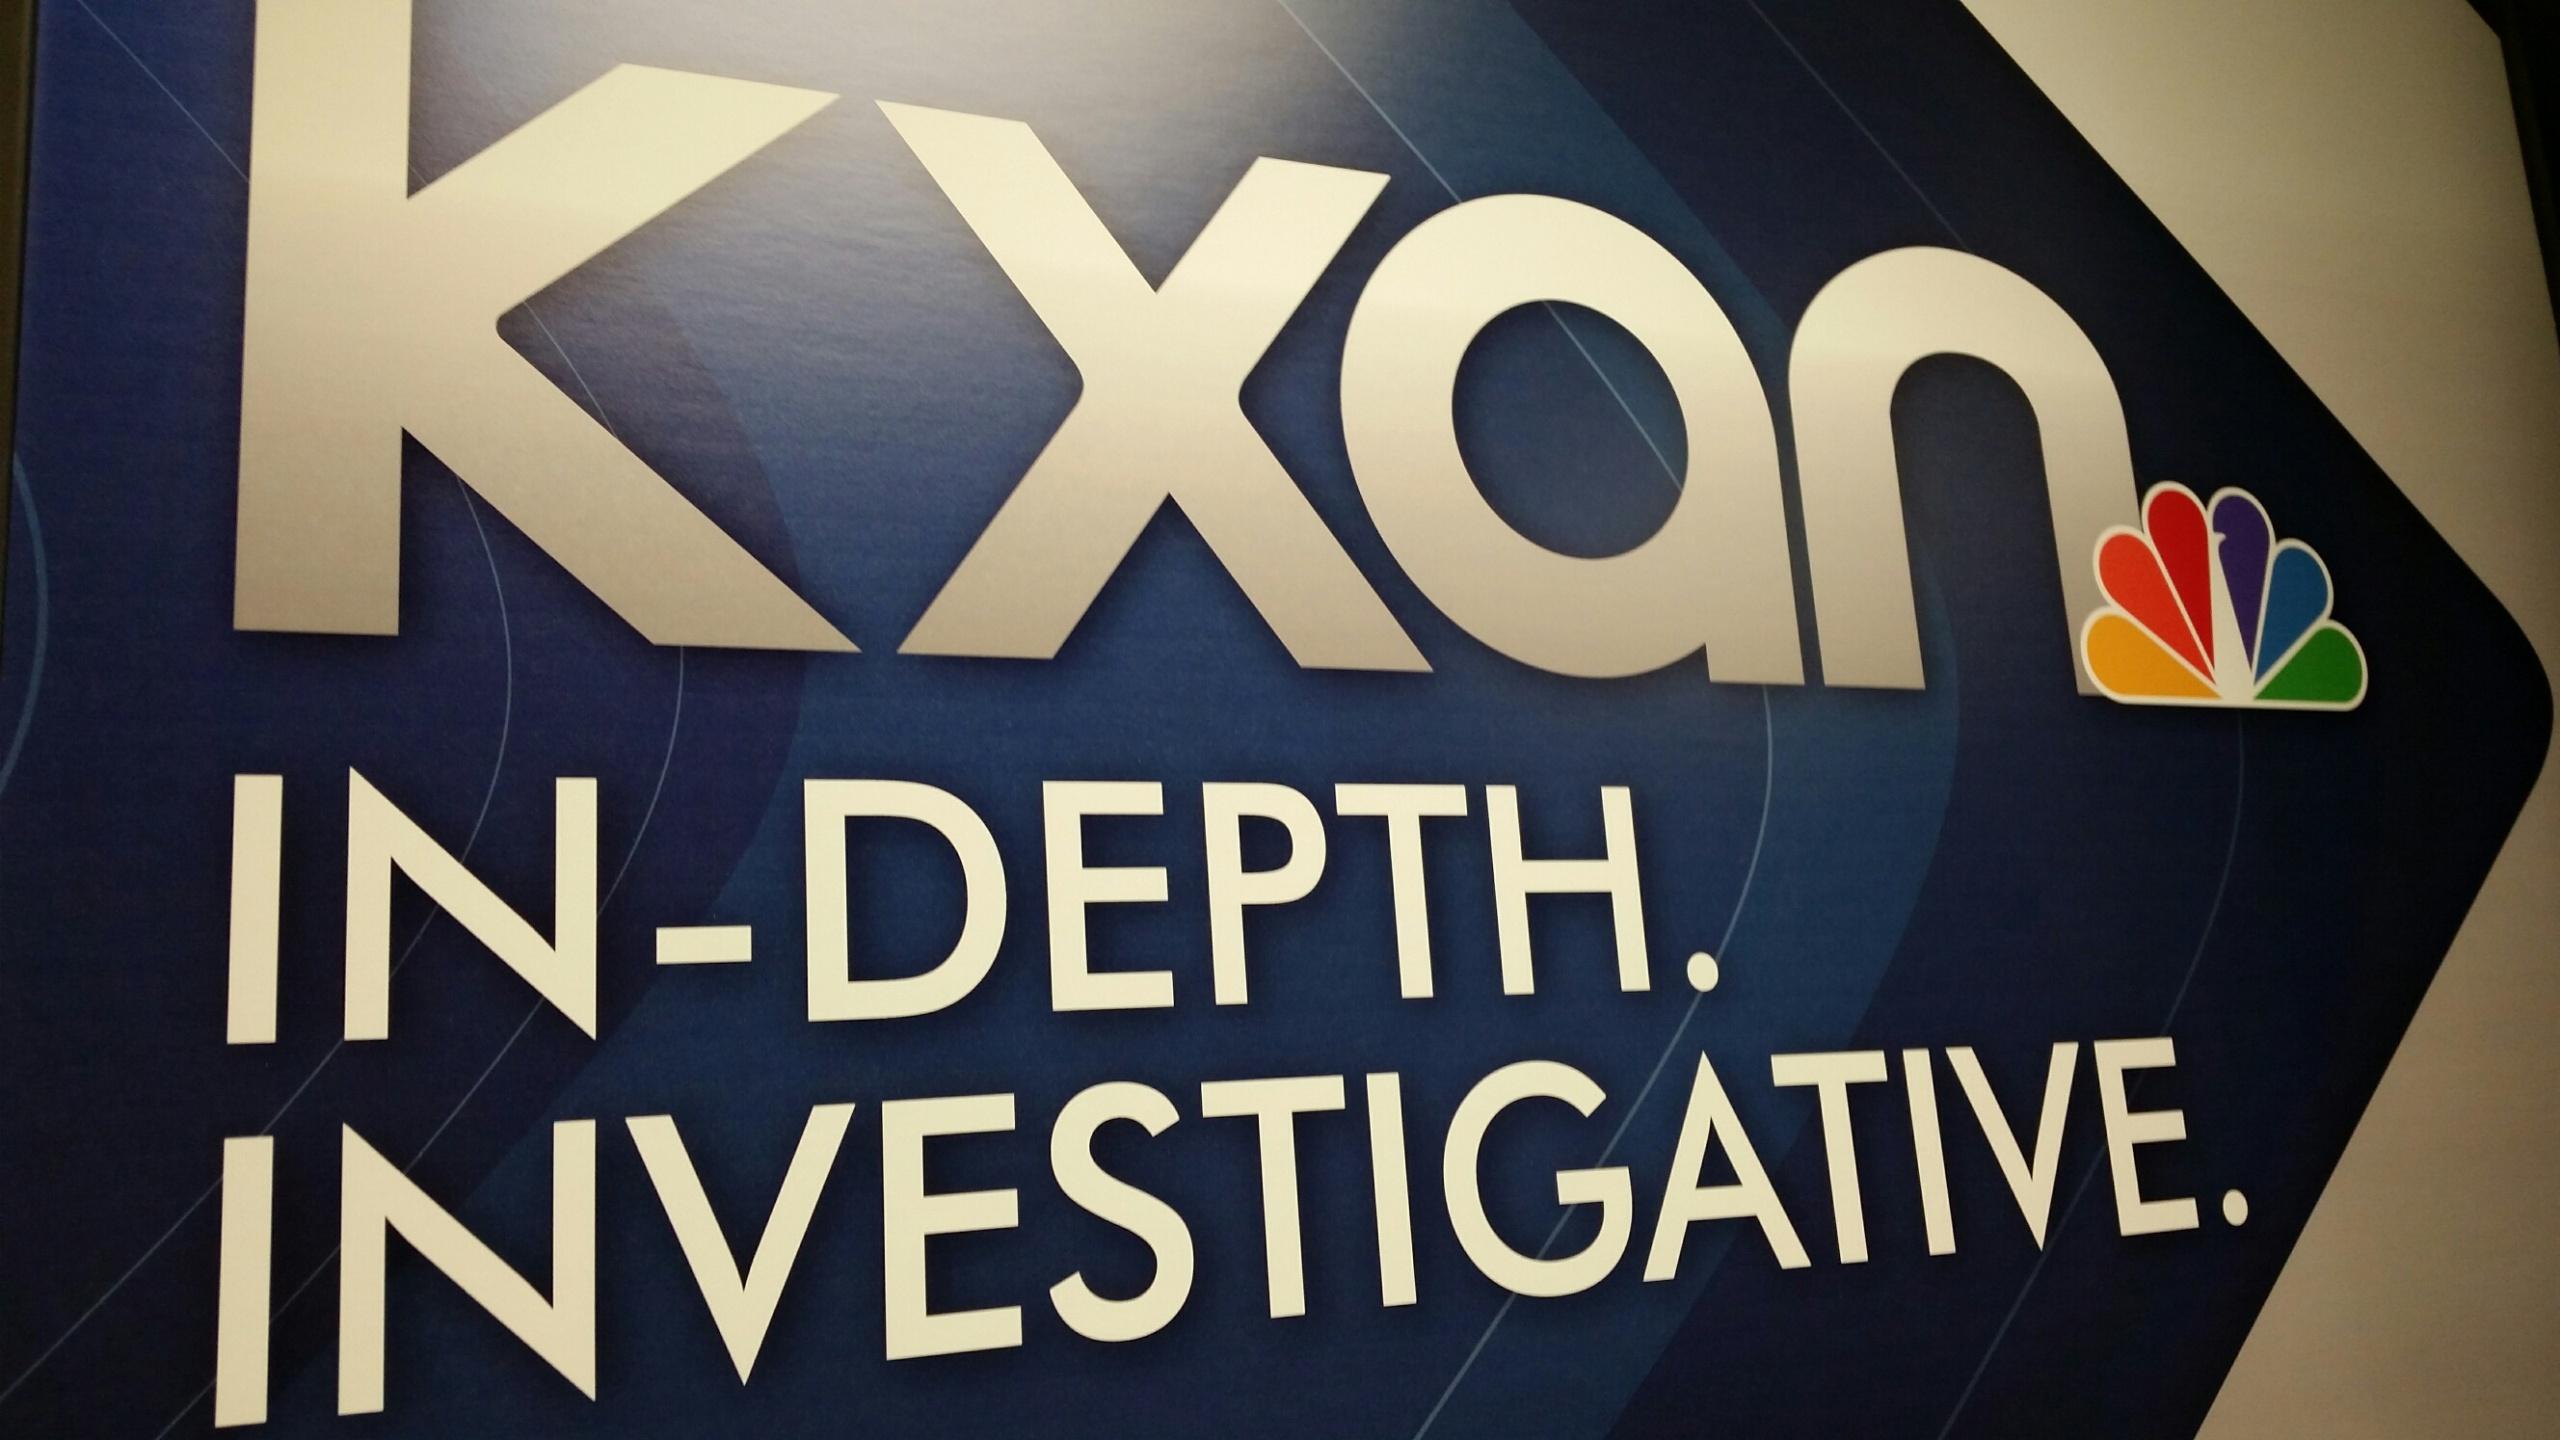 KXAN Logo_210034